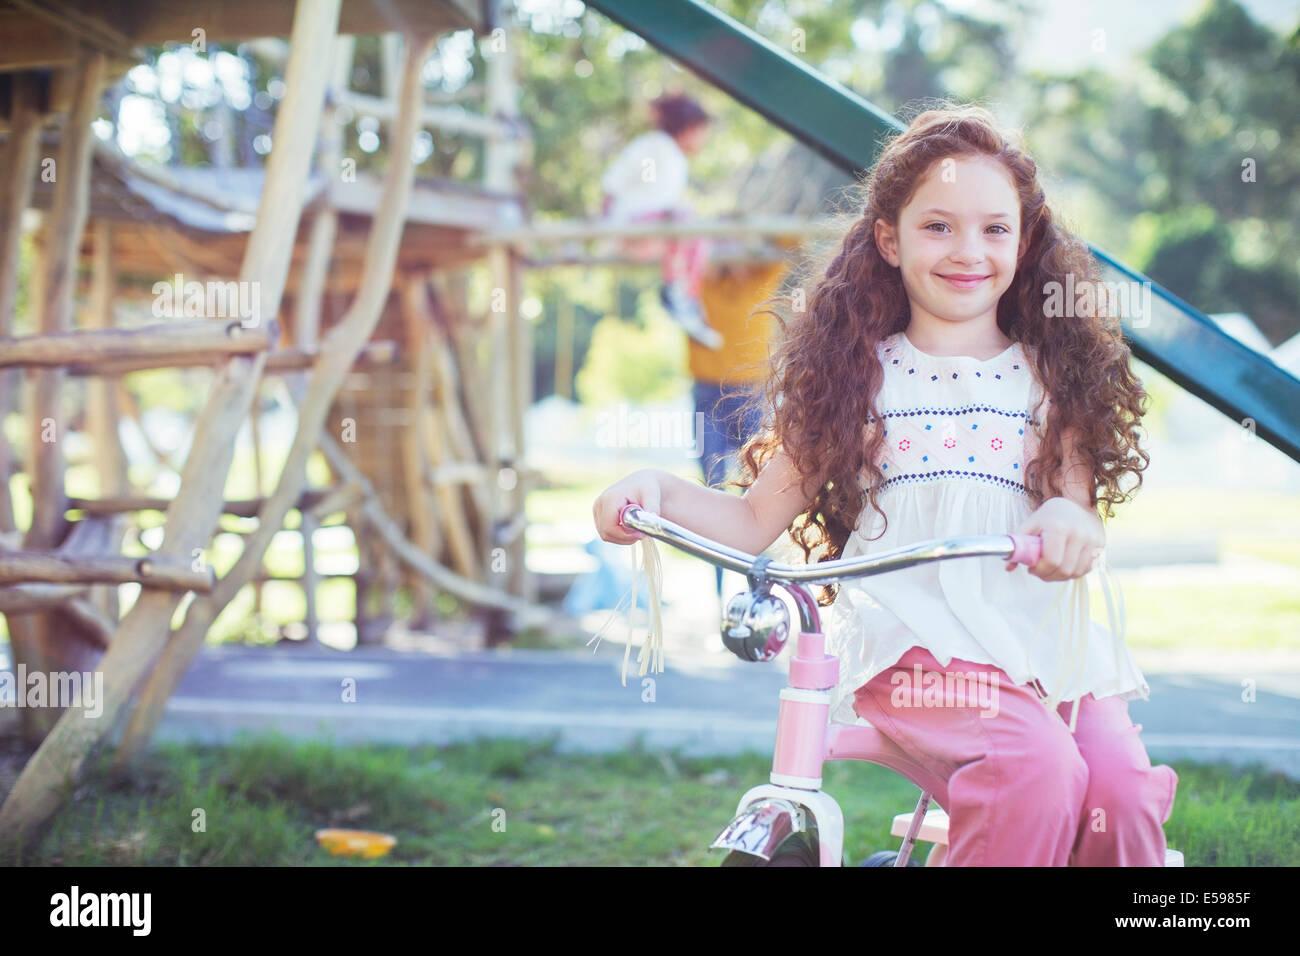 Lächelndes Mädchen sitzen auf dem Fahrrad am Spielplatz Stockbild